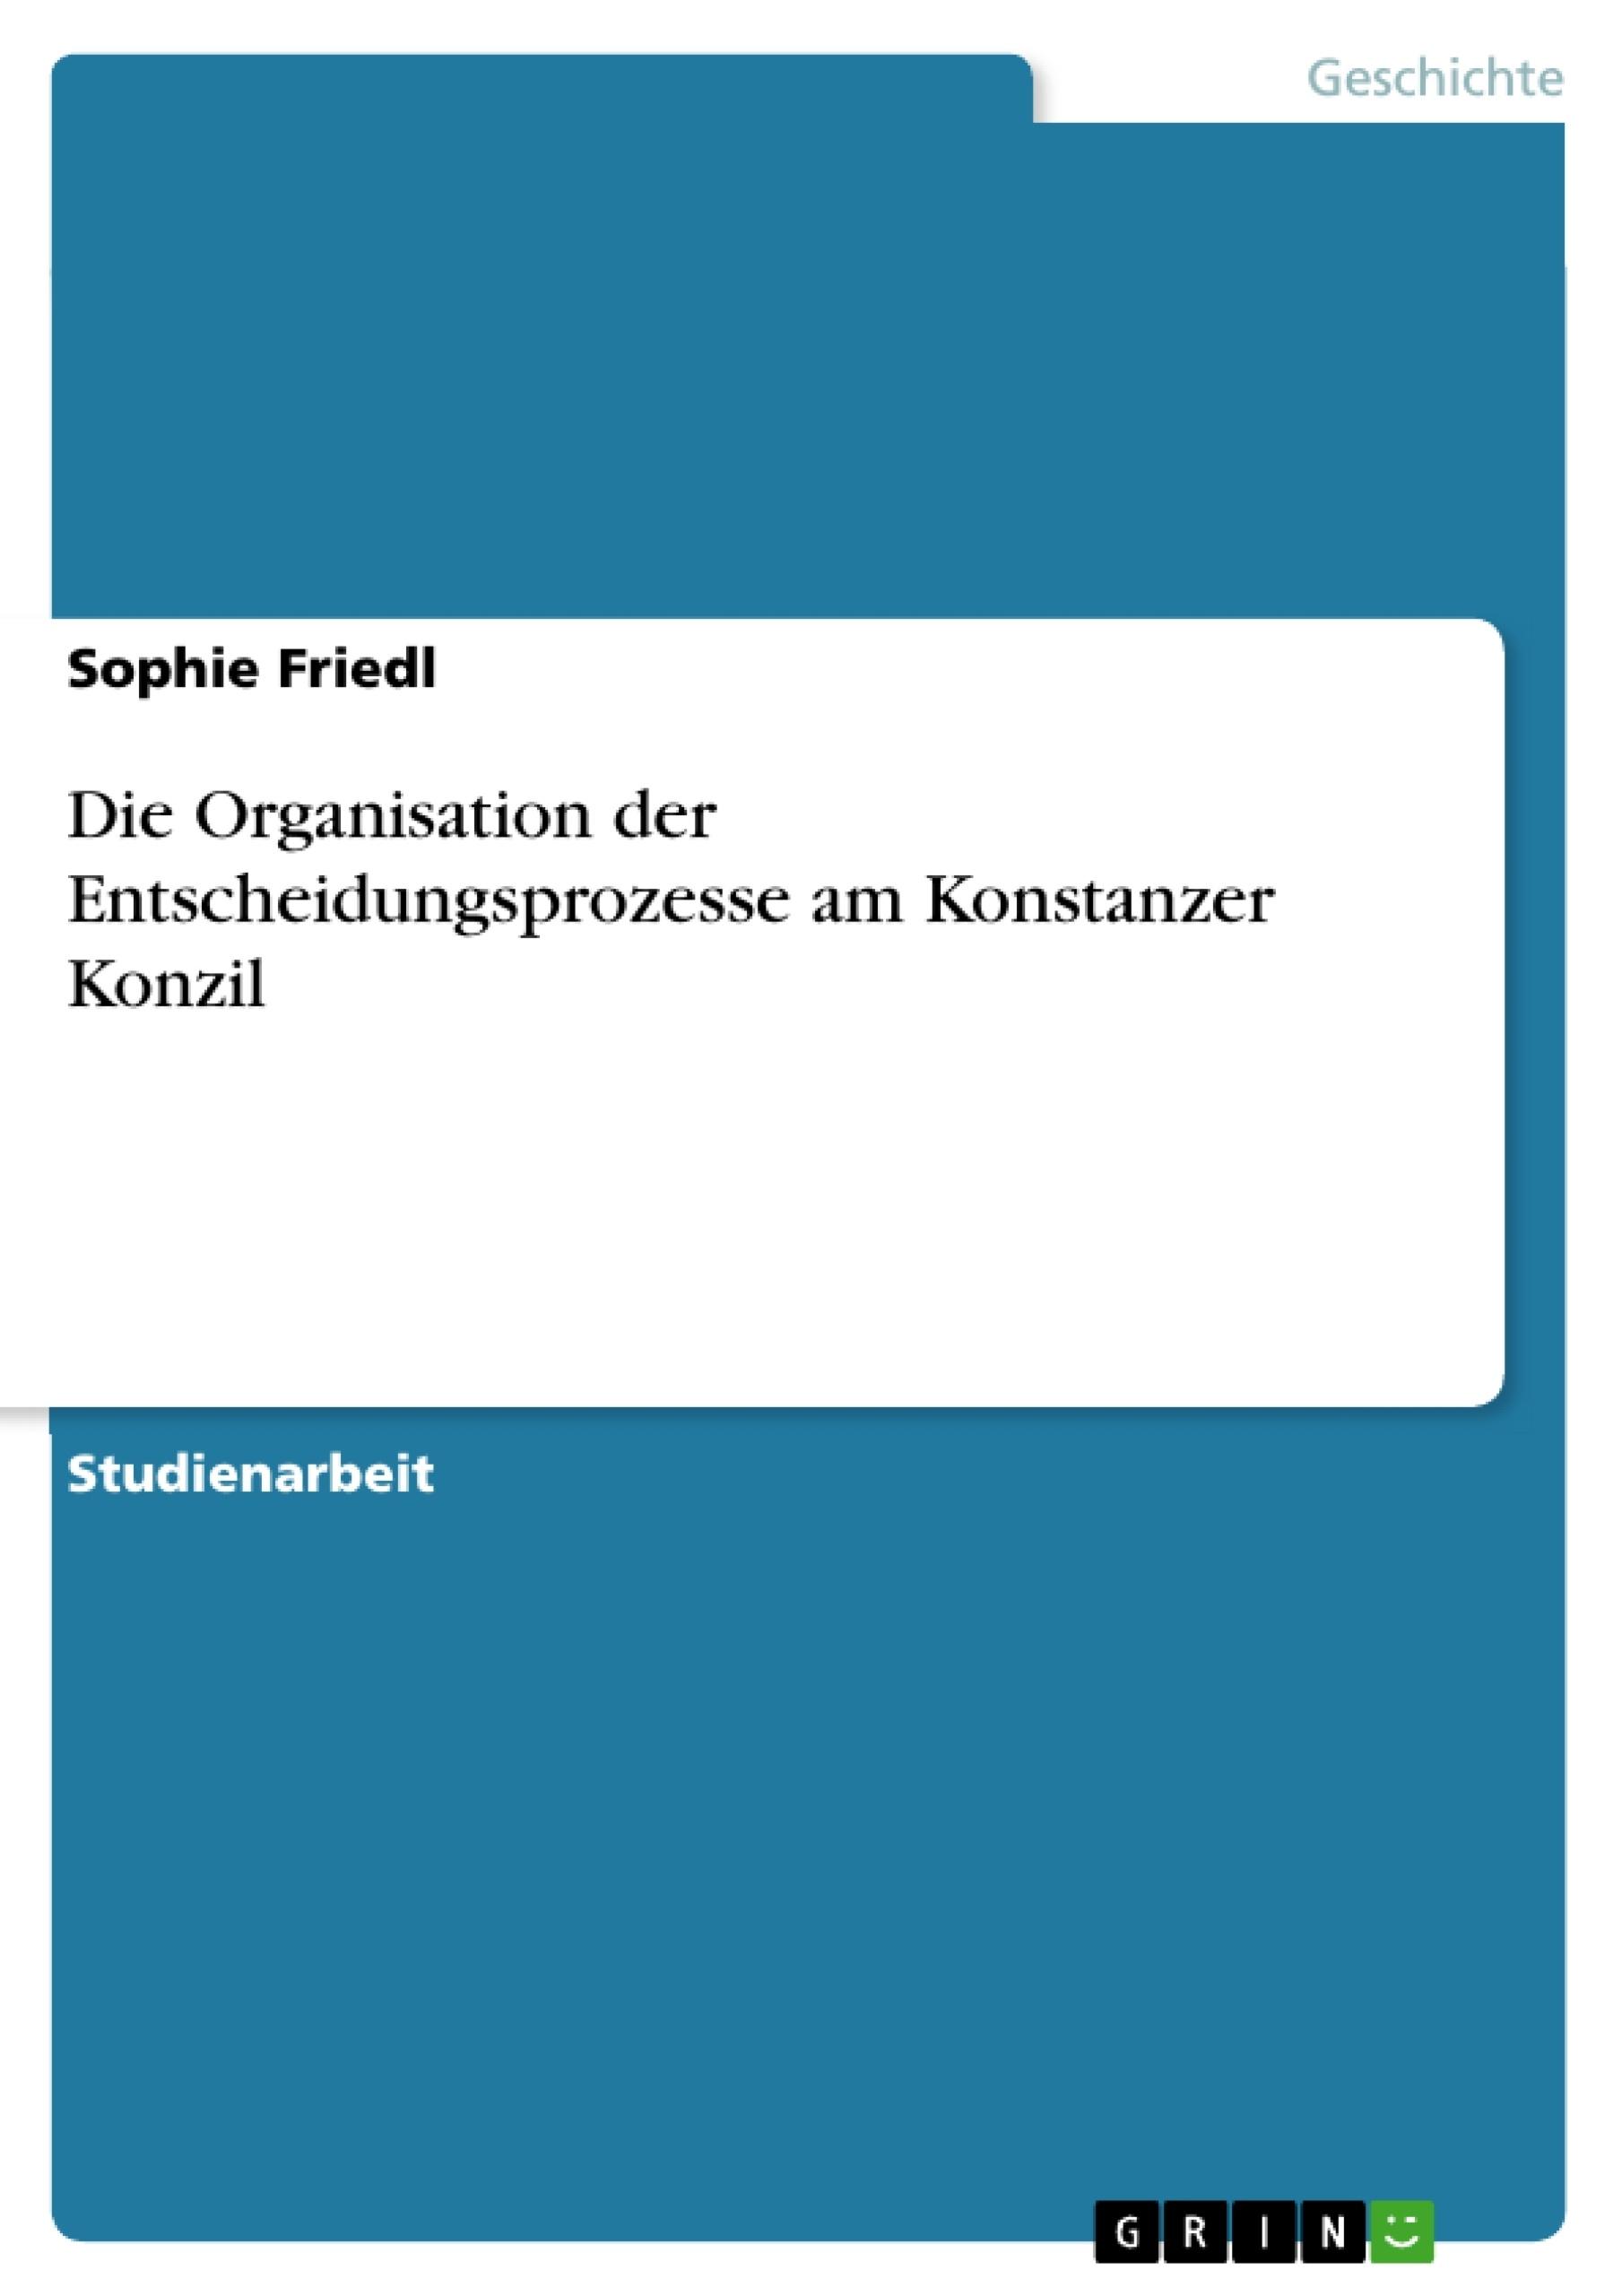 Titel: Die Organisation der Entscheidungsprozesse am Konstanzer Konzil